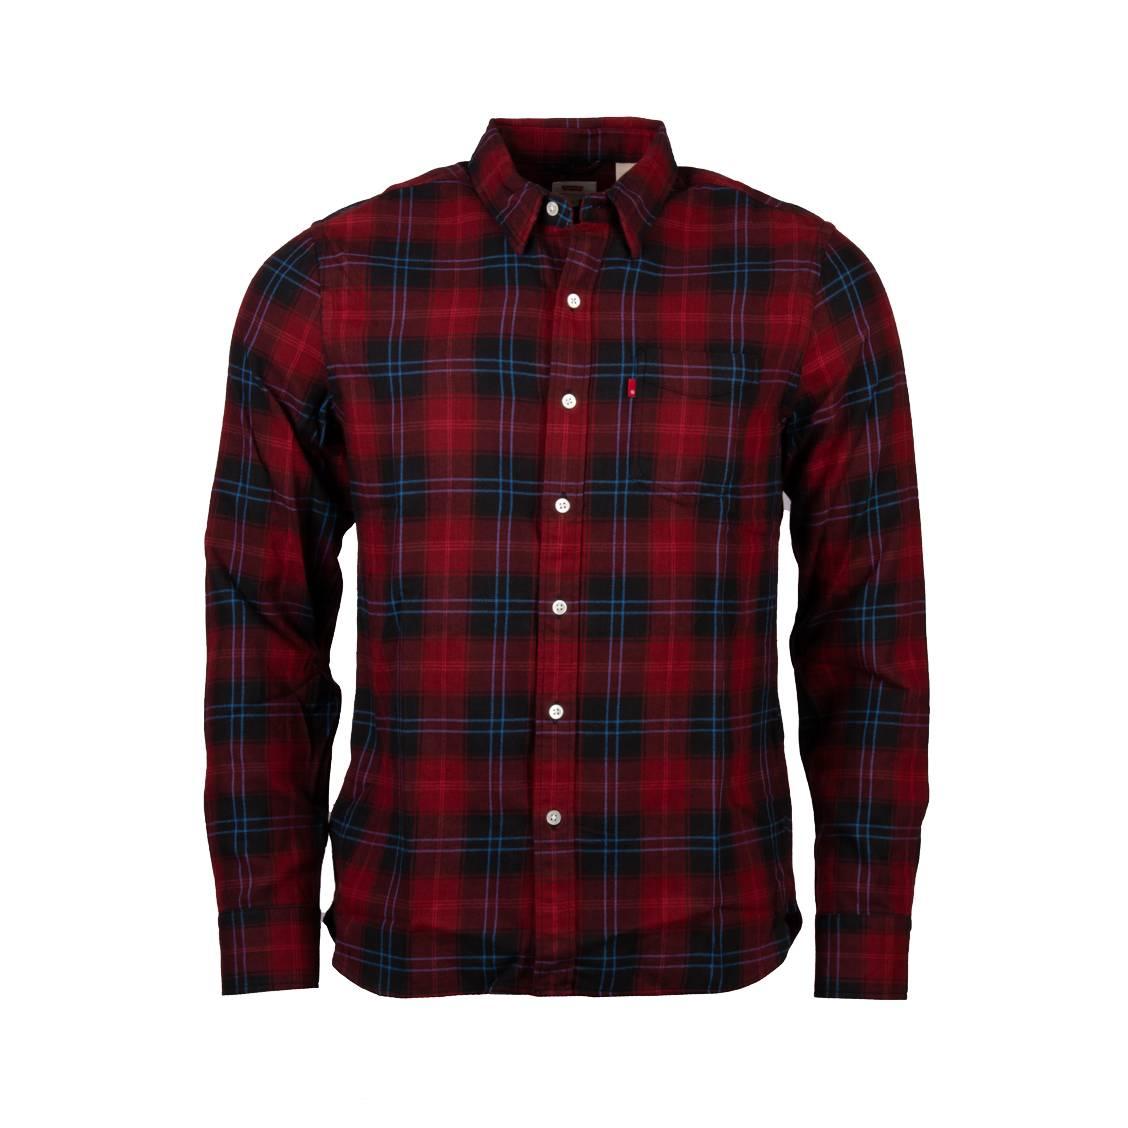 chemise flanelle Levi's